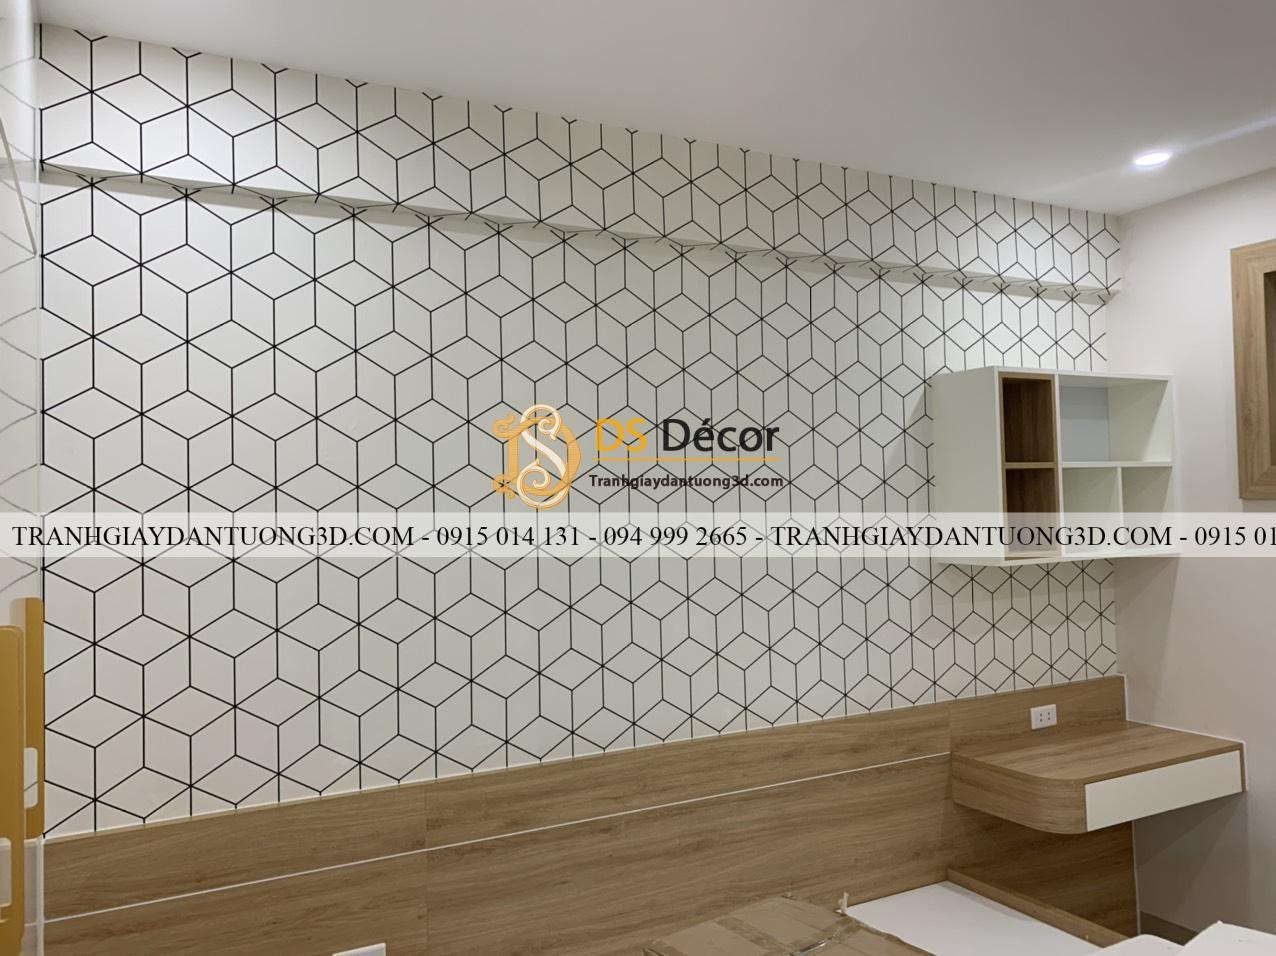 Thi công phòng khách chung cư với mã giấy dán tường khối 3D246